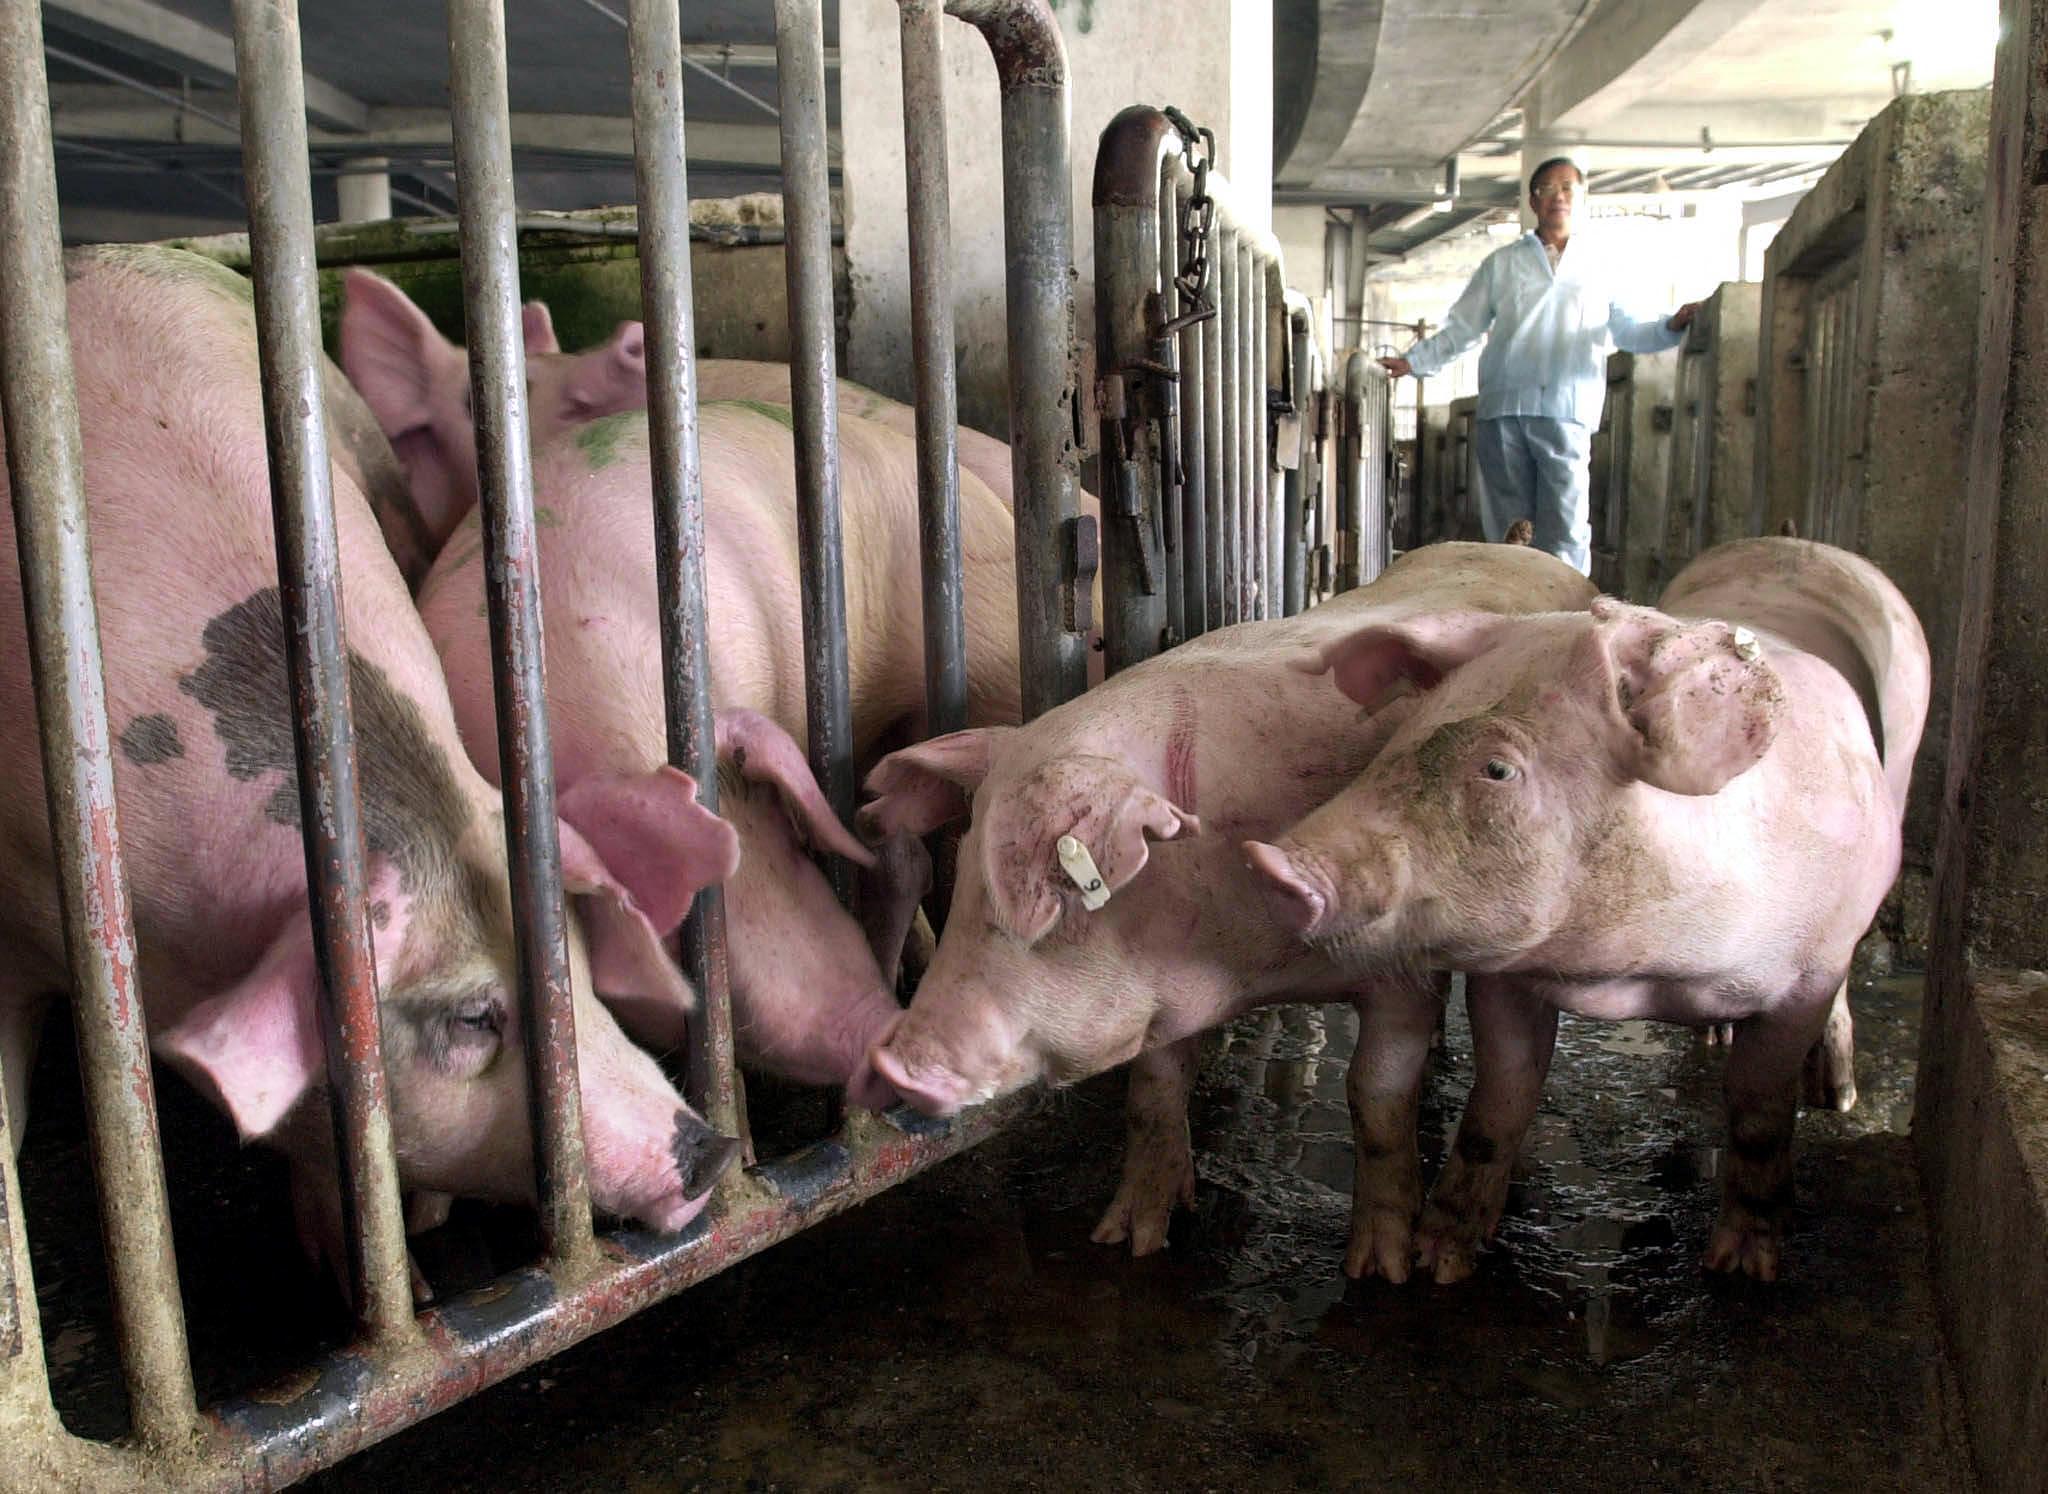 肉價太高 廣西五名男子持凶器搶走70頭豬